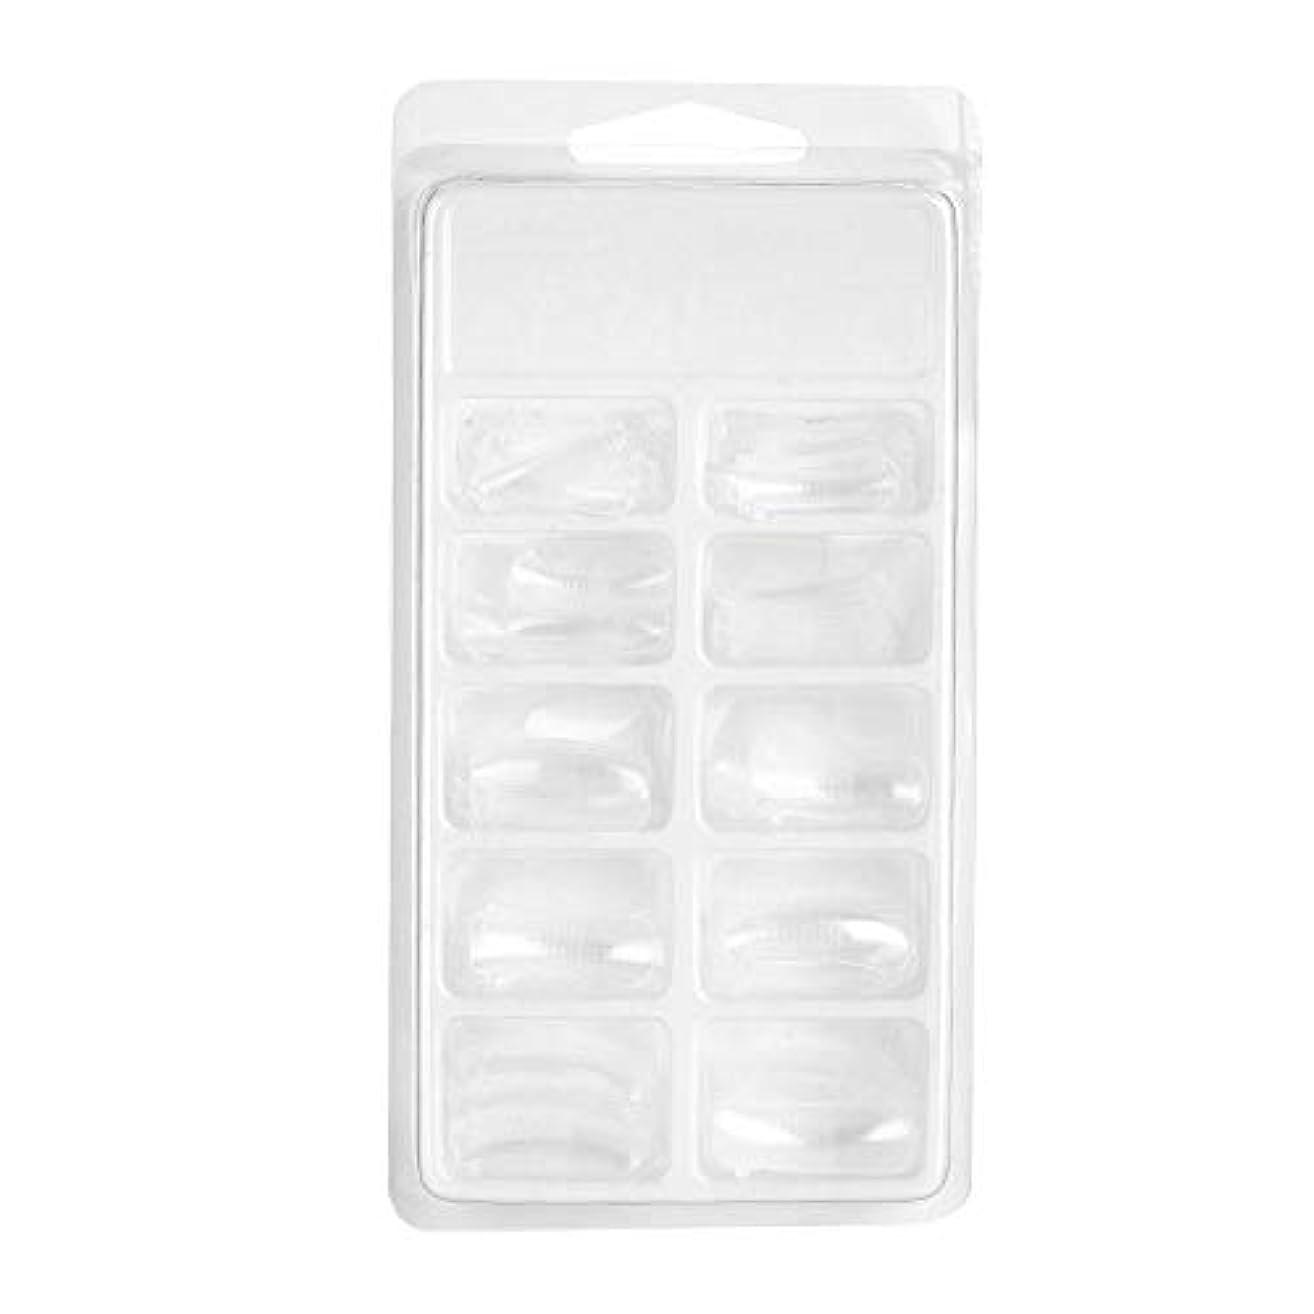 ドア件名メロディー100枚透明な爪型、ネイルアート 拡張子 操作しやすい DIYのマニキュアツール 長持ち 爪のツール